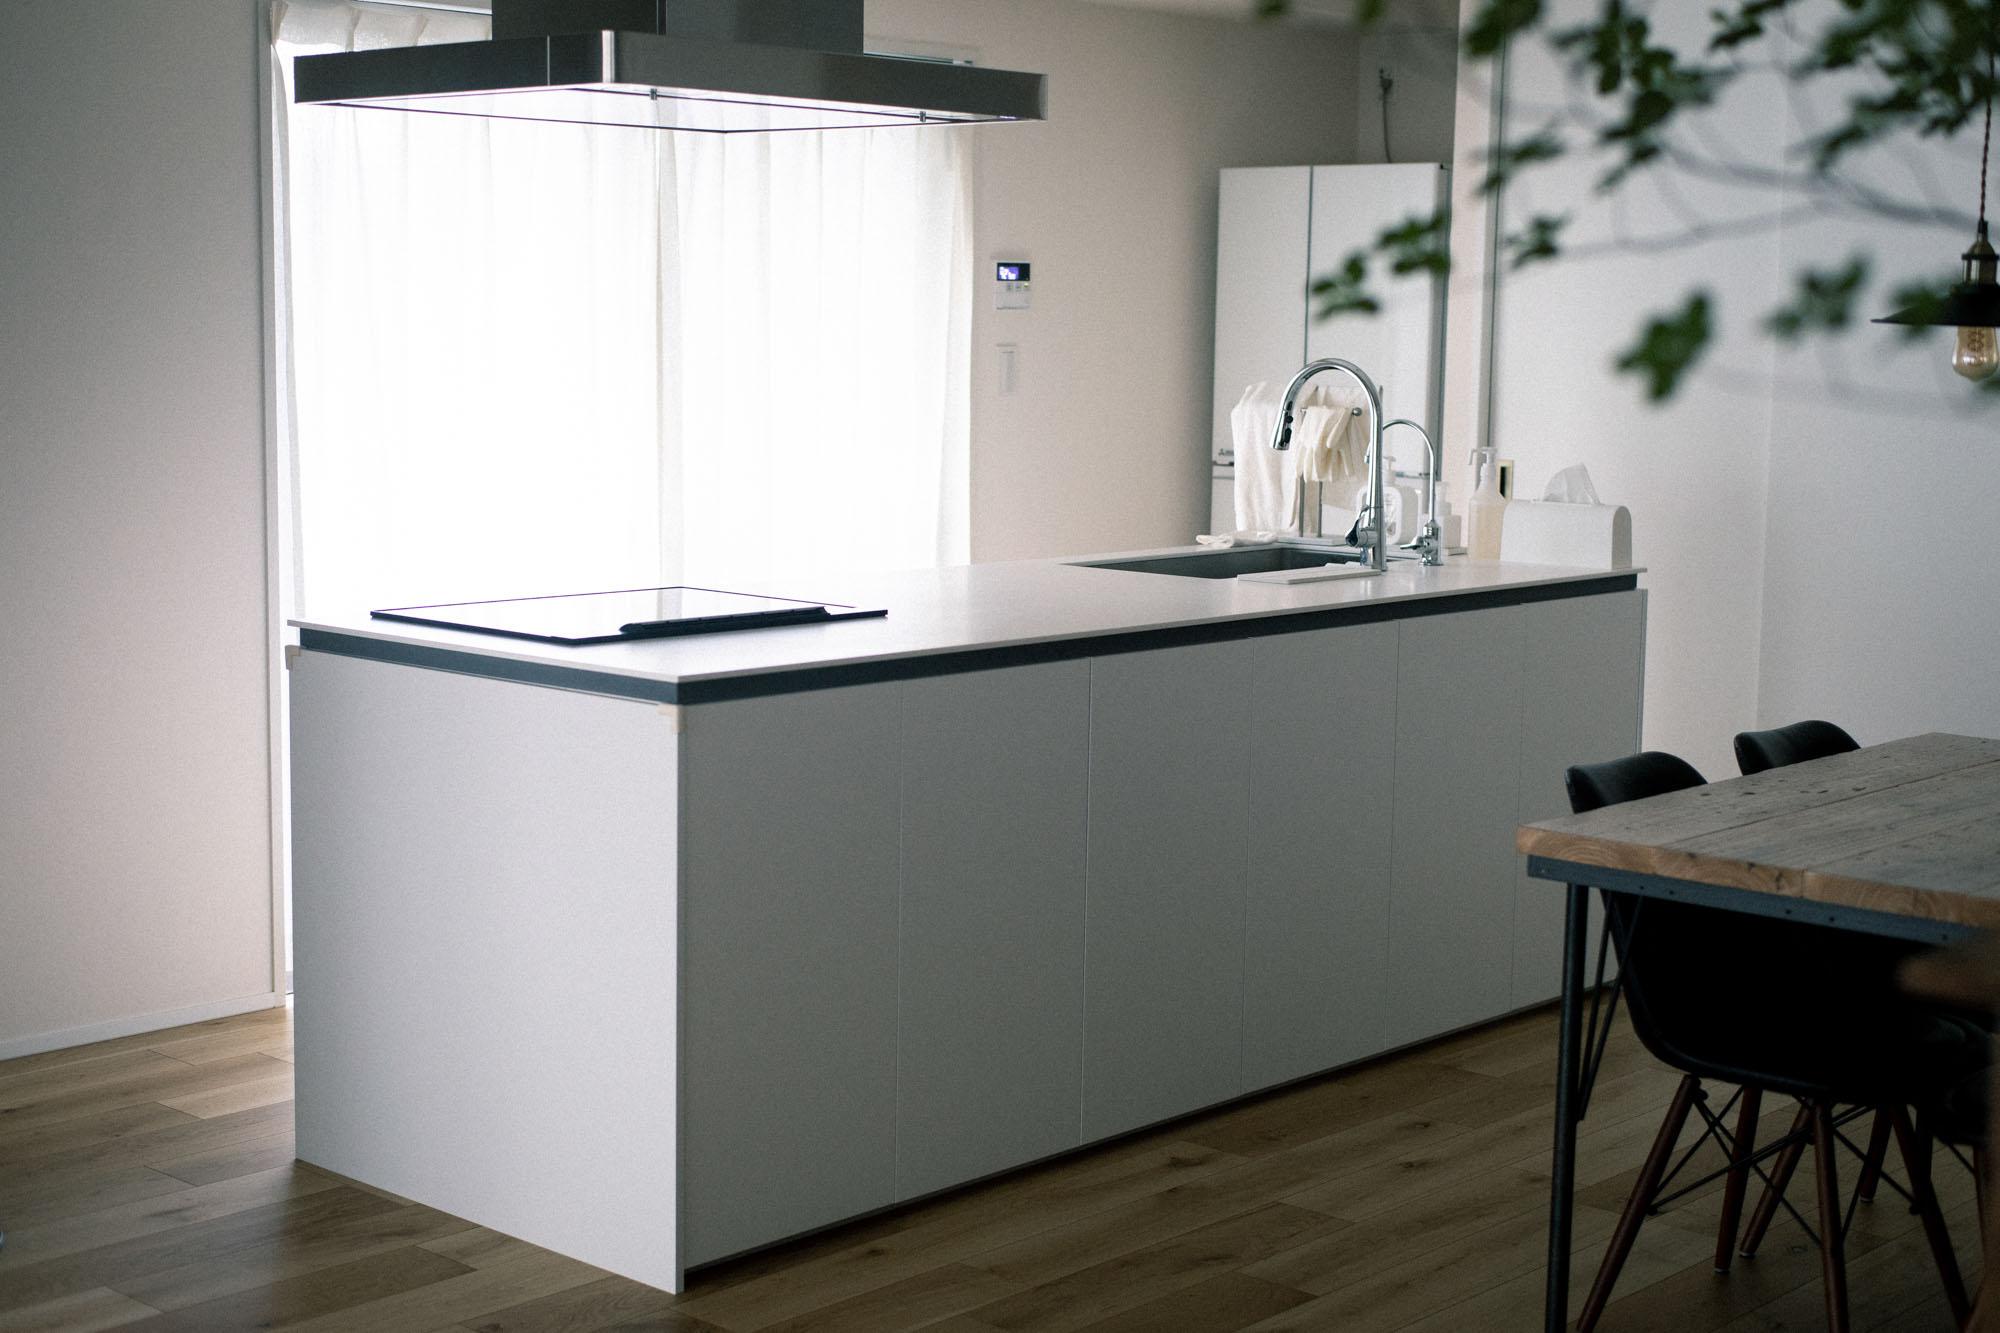 キッチンのスペースは、あえてリビングスペースとは雰囲気を変え、白とシルバーを中心に。